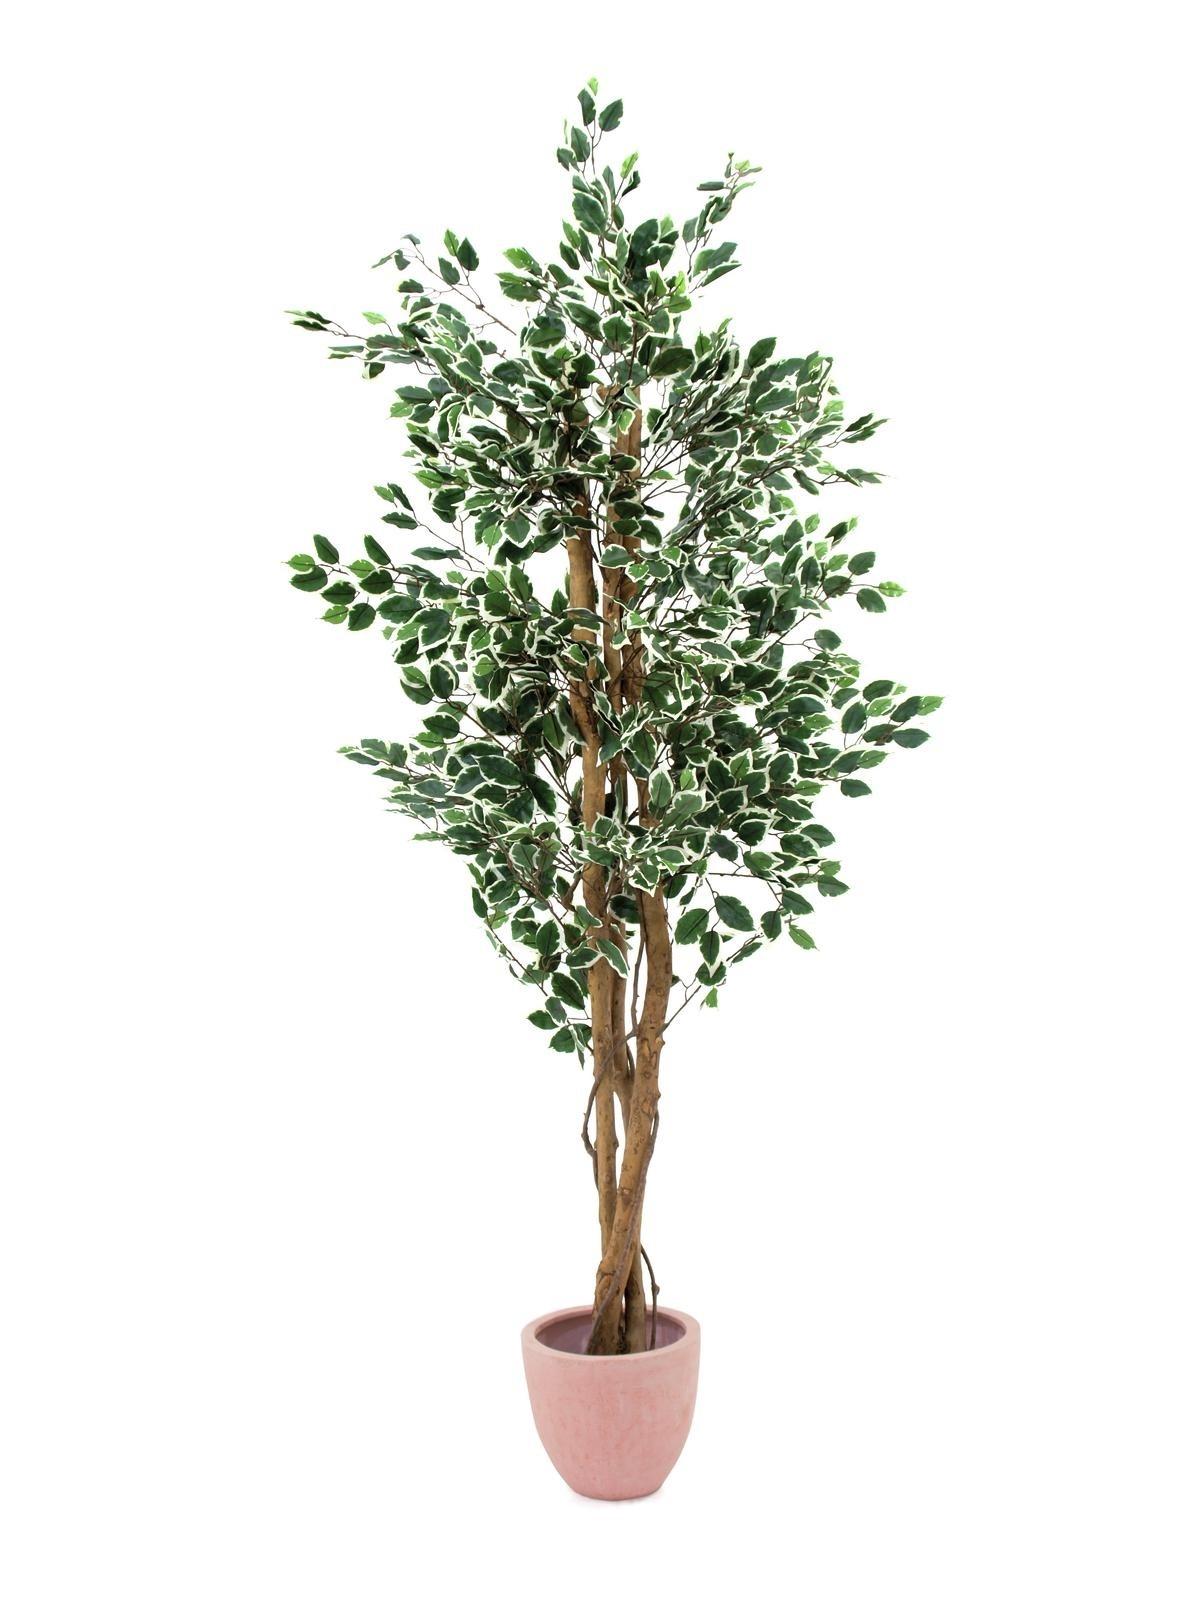 Potatura ficus benjamin tecniche di giardinaggio for Ficus benjamin potatura